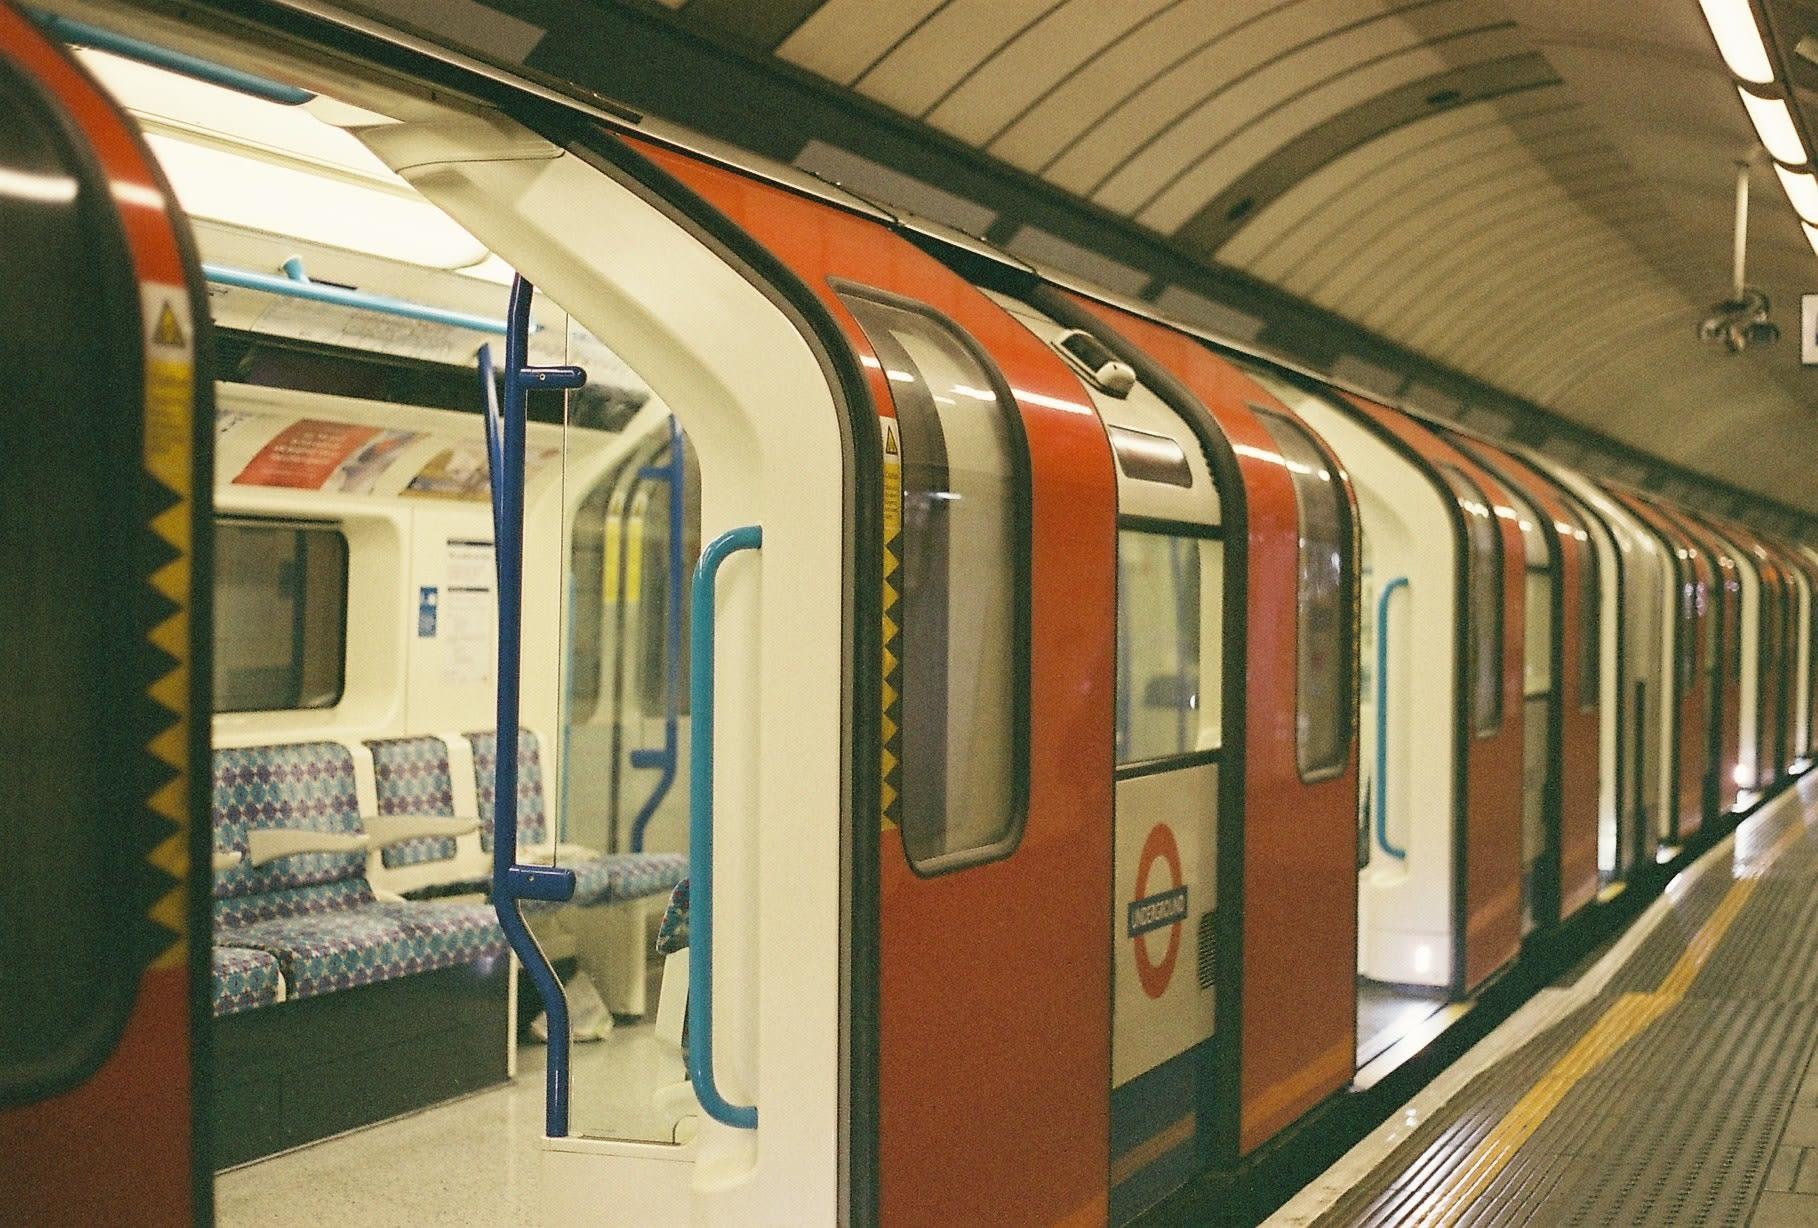 รถไฟฟ้าใต้ดินลอนดอน